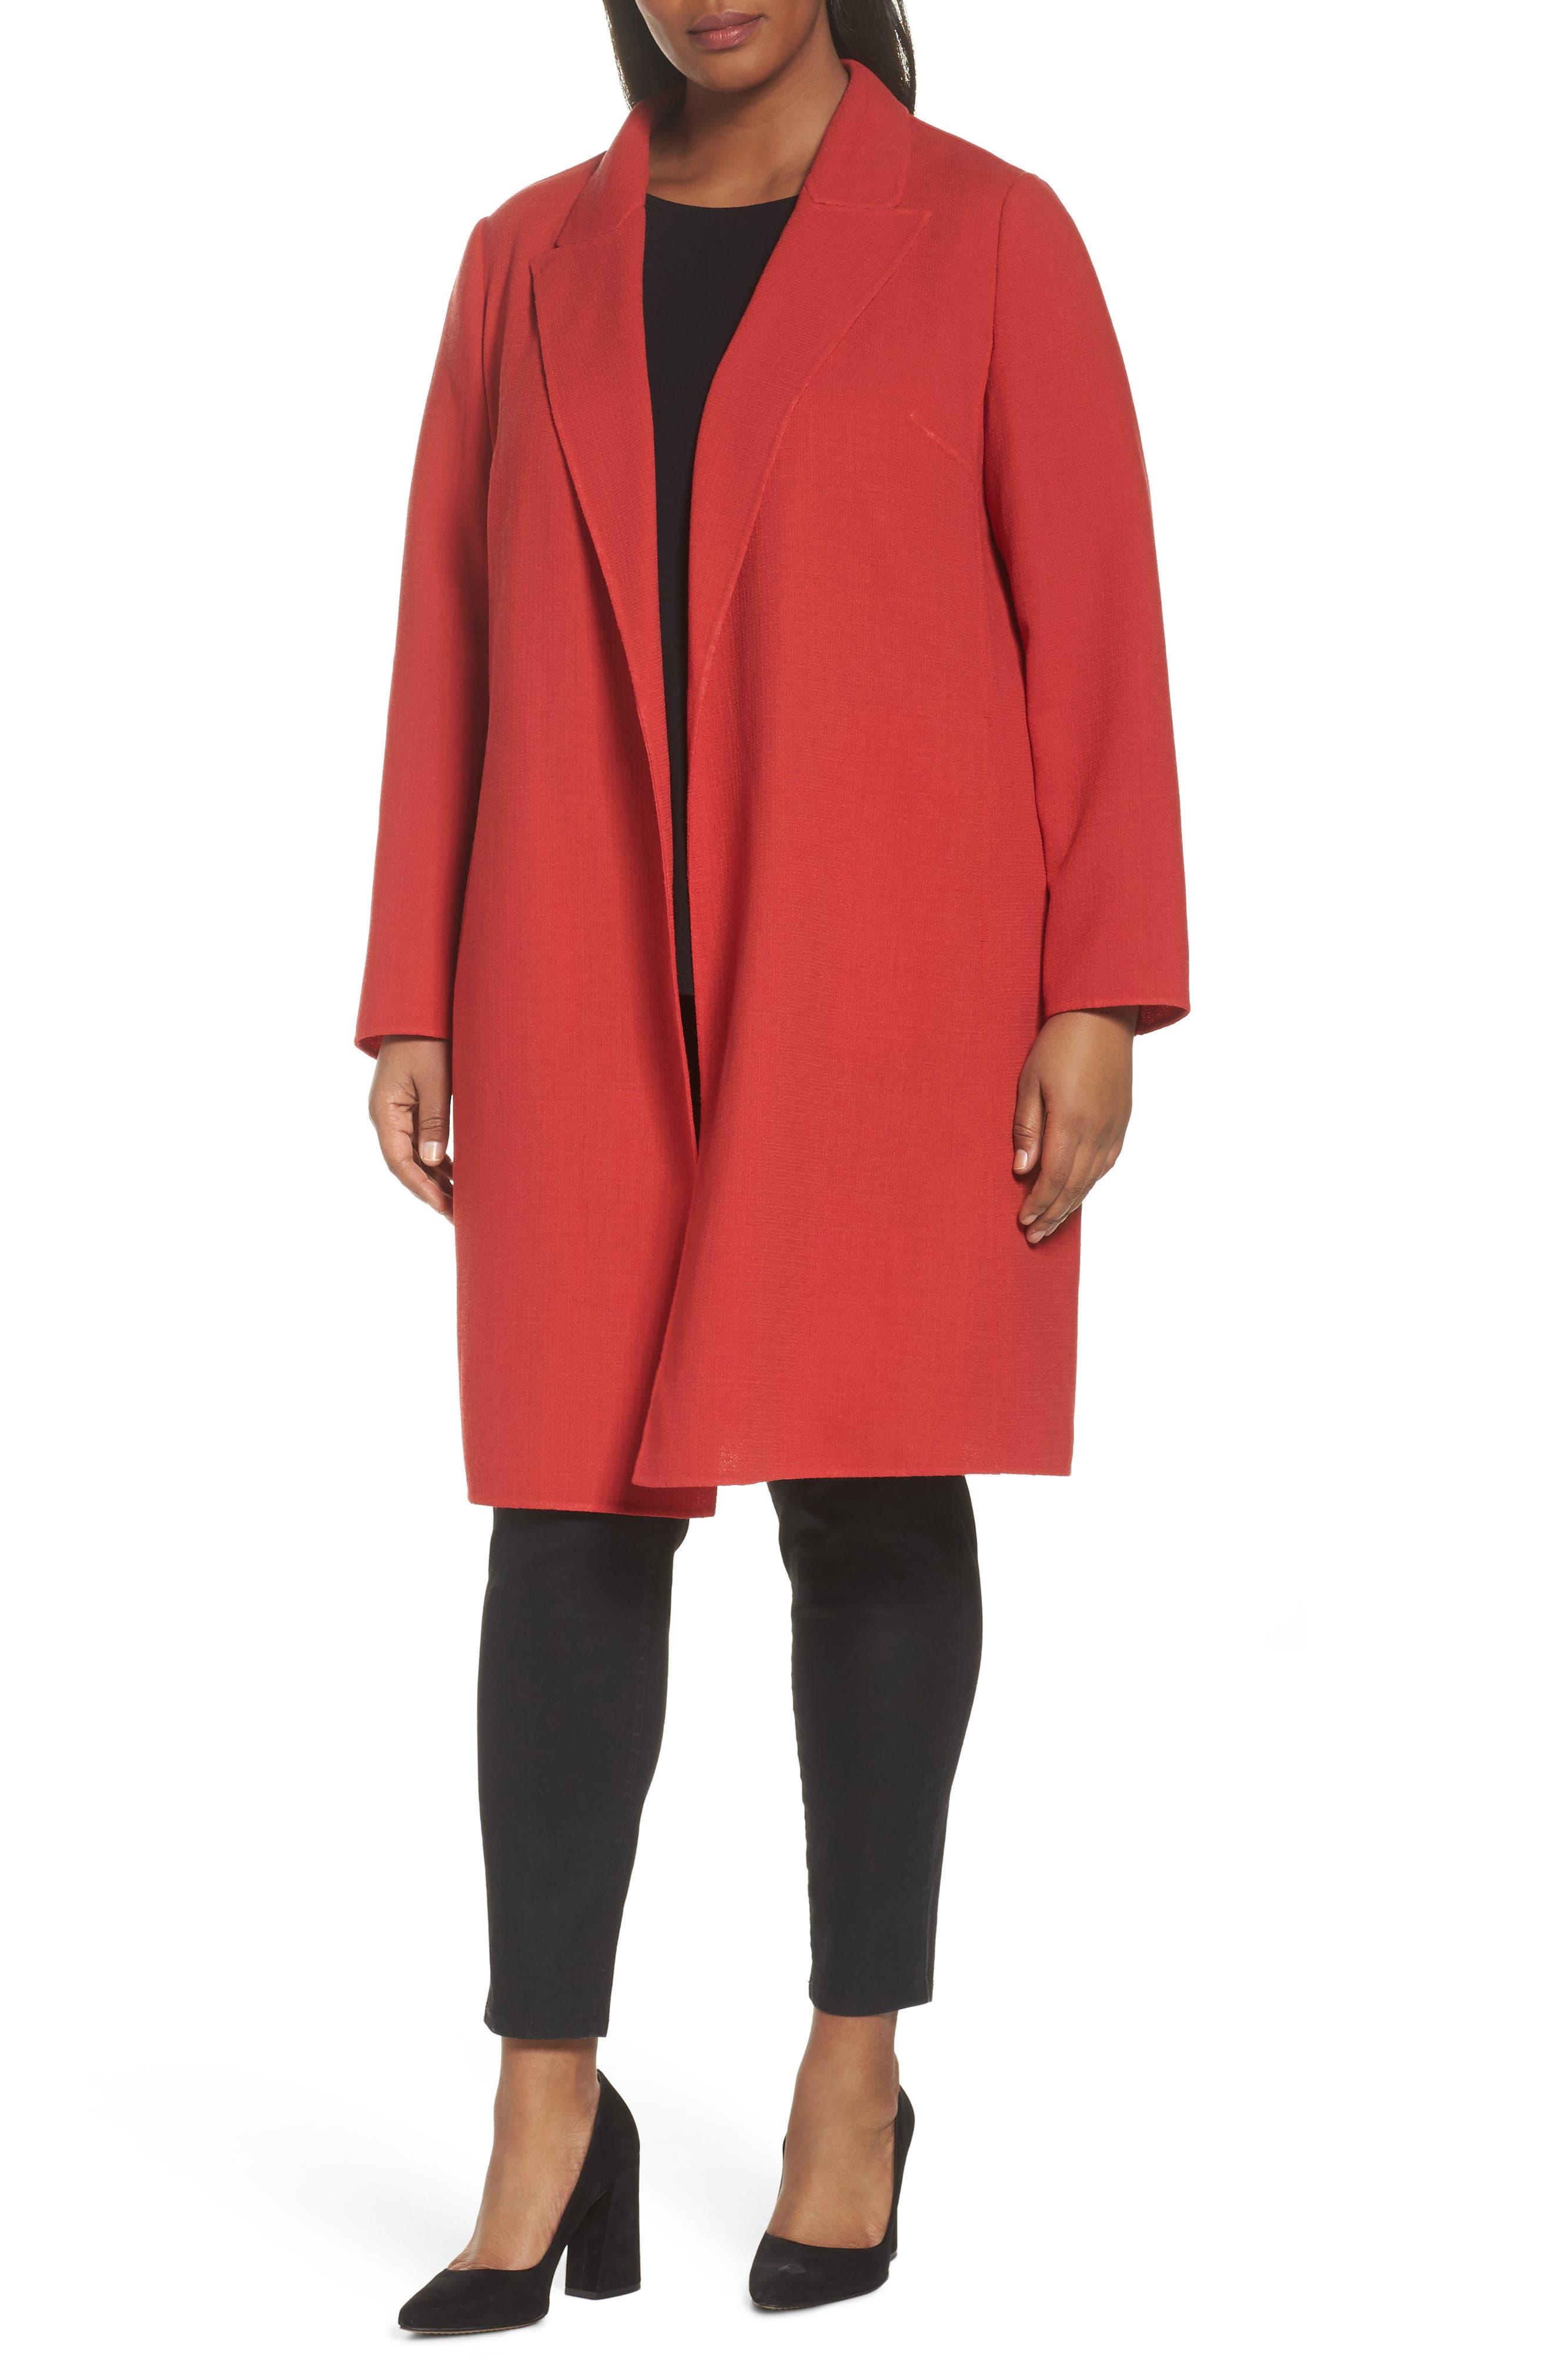 Main Image - Lafayette 148 New York Carmelle Nouveau Crepe Jacket (Plus Size)